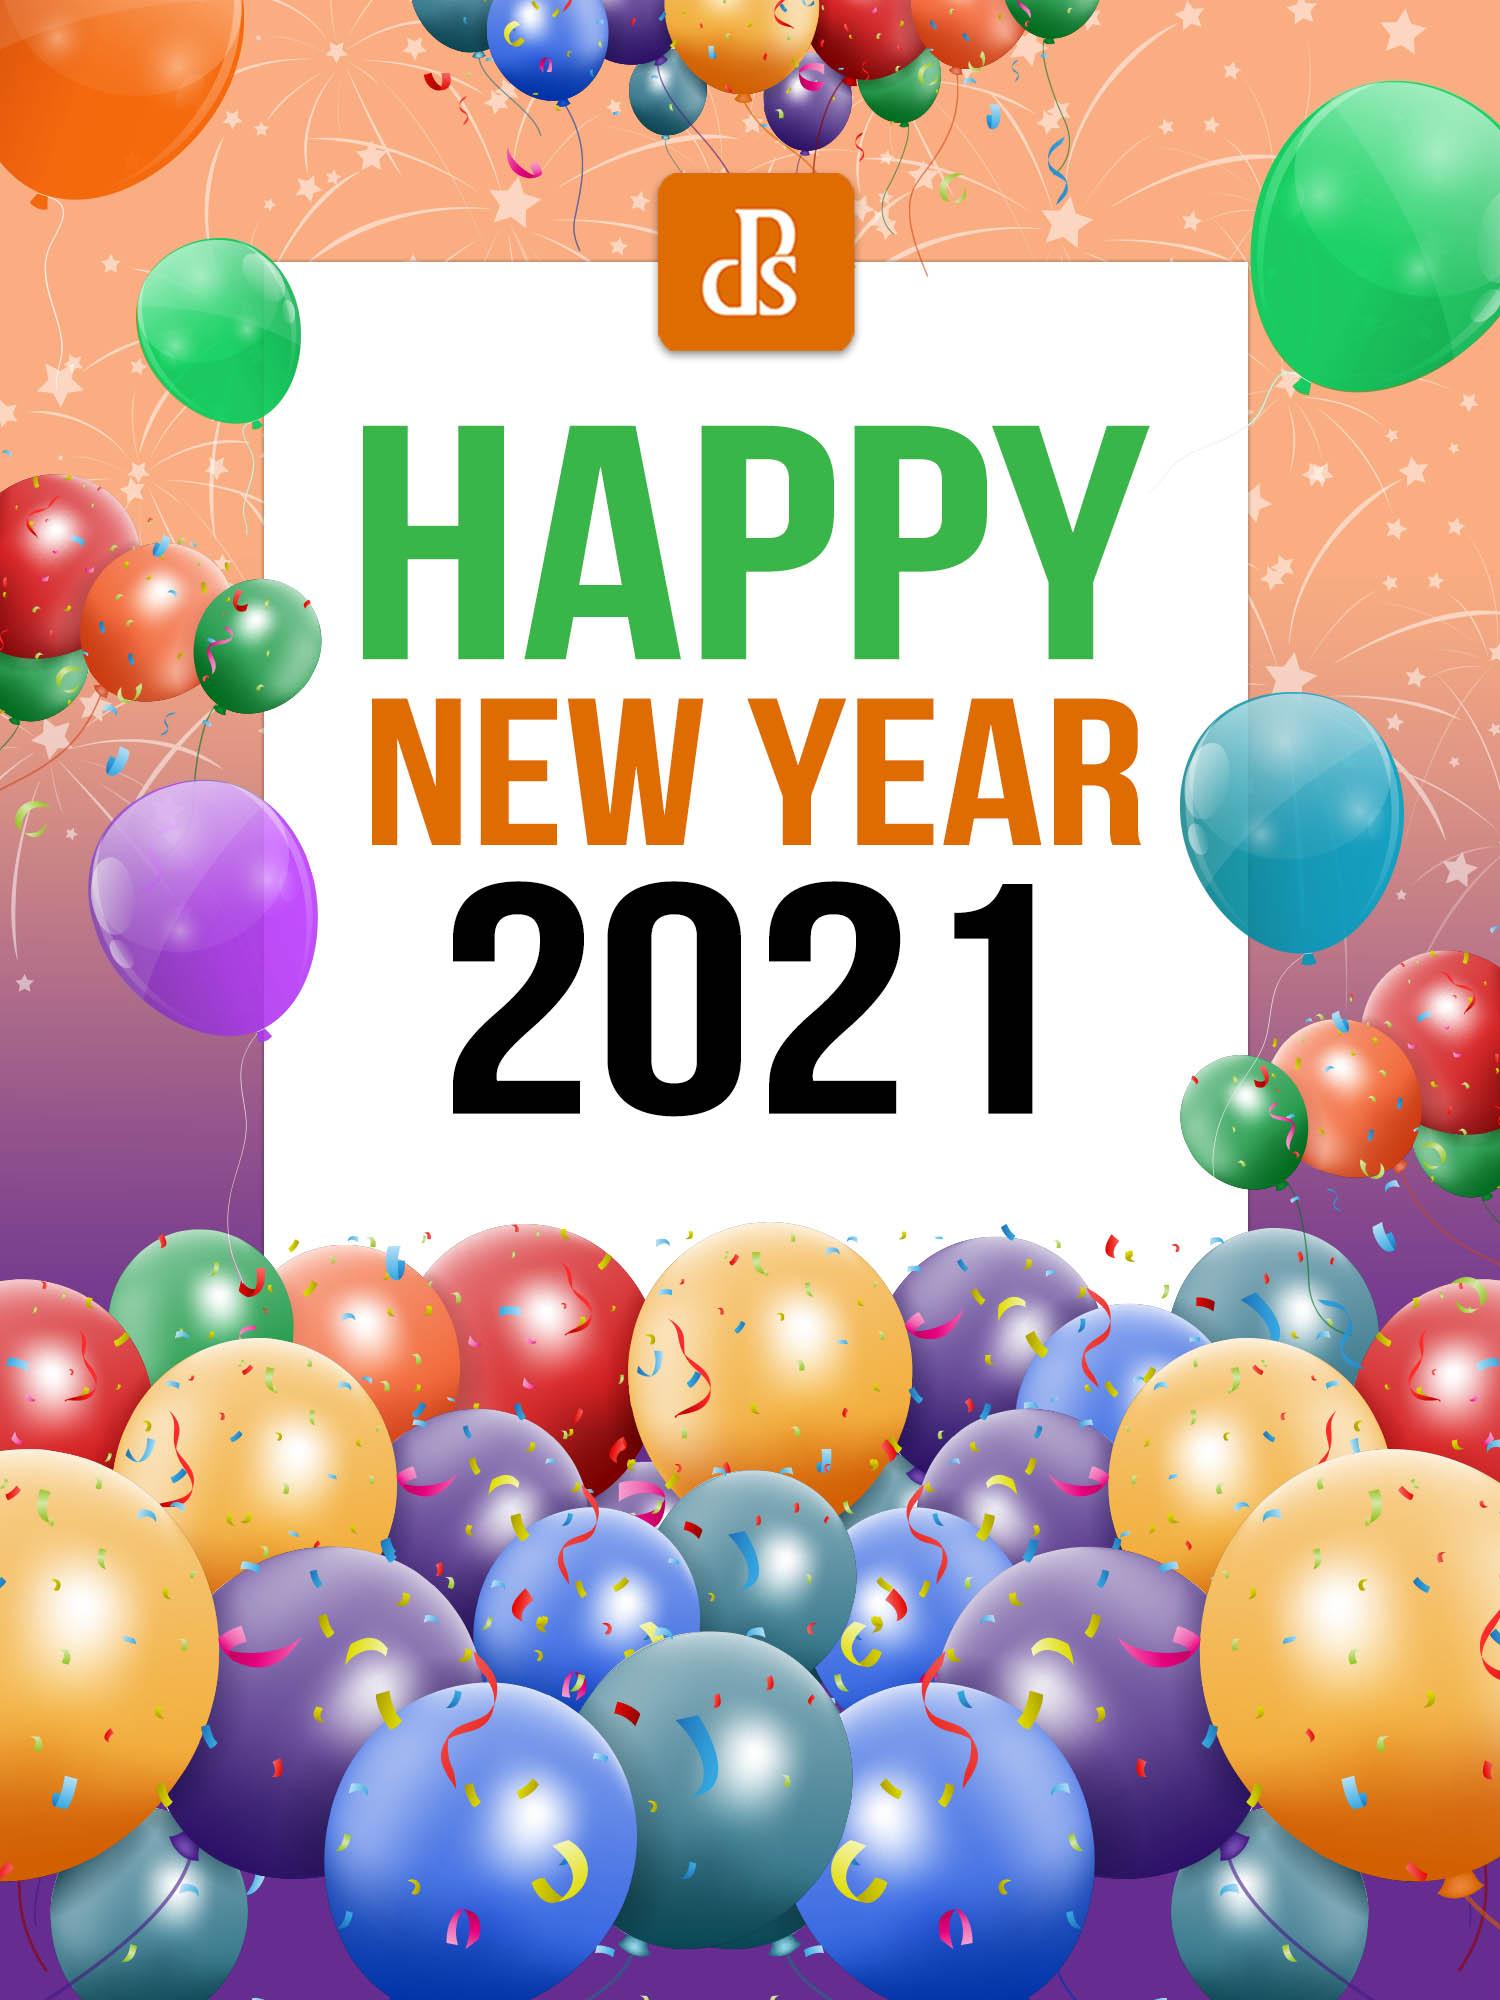 Feliz Ano Novo de 2021 da equipe dPS